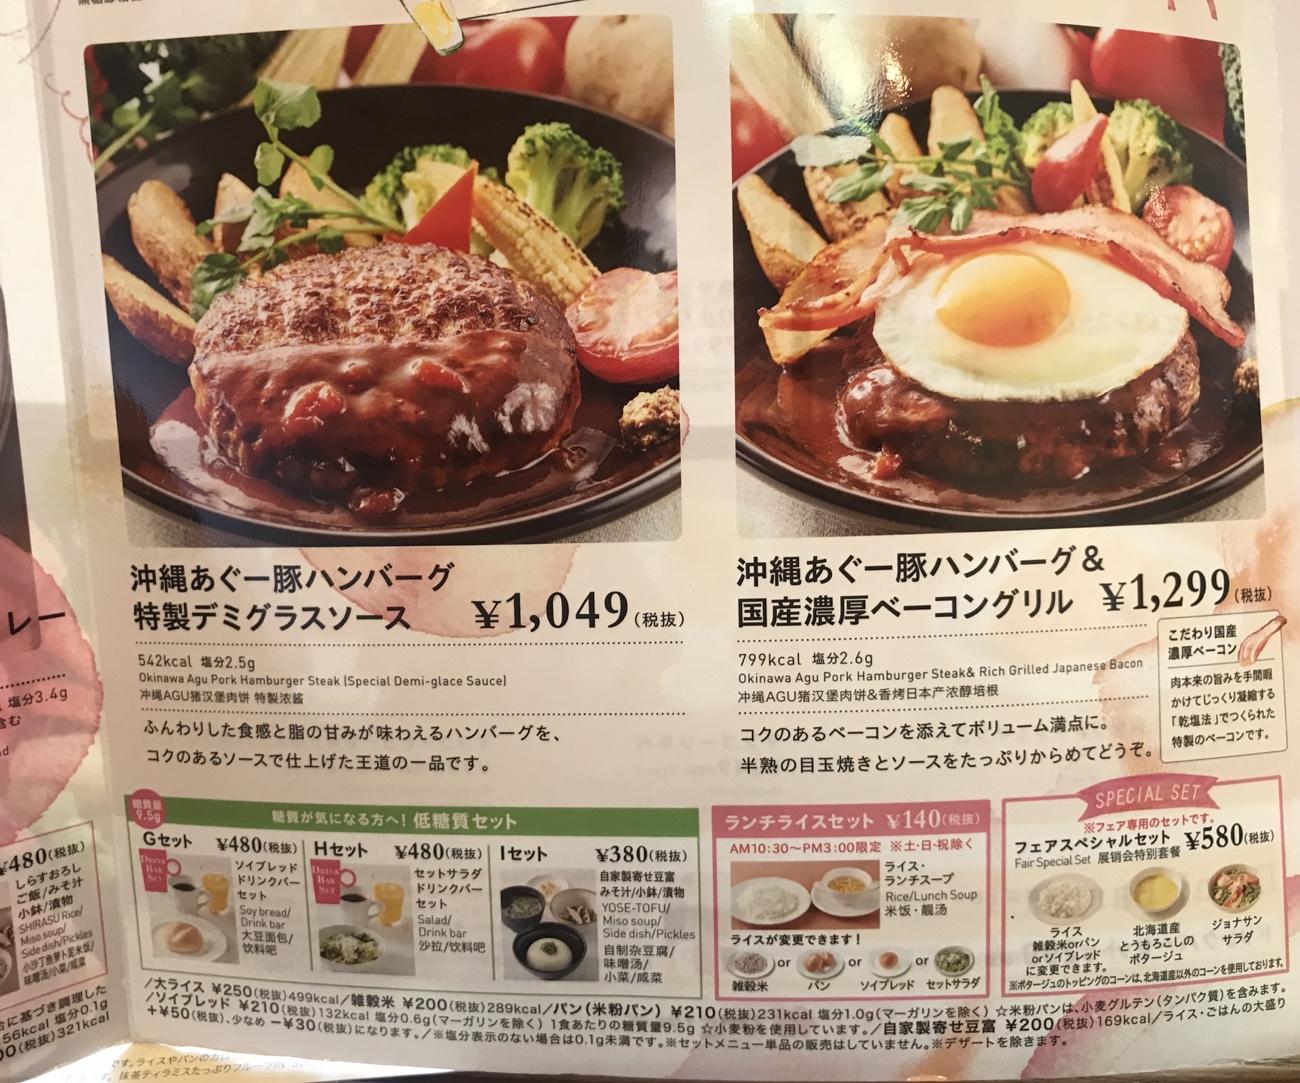 ジョナサン 沖縄あぐー豚ハンバーグメニュー